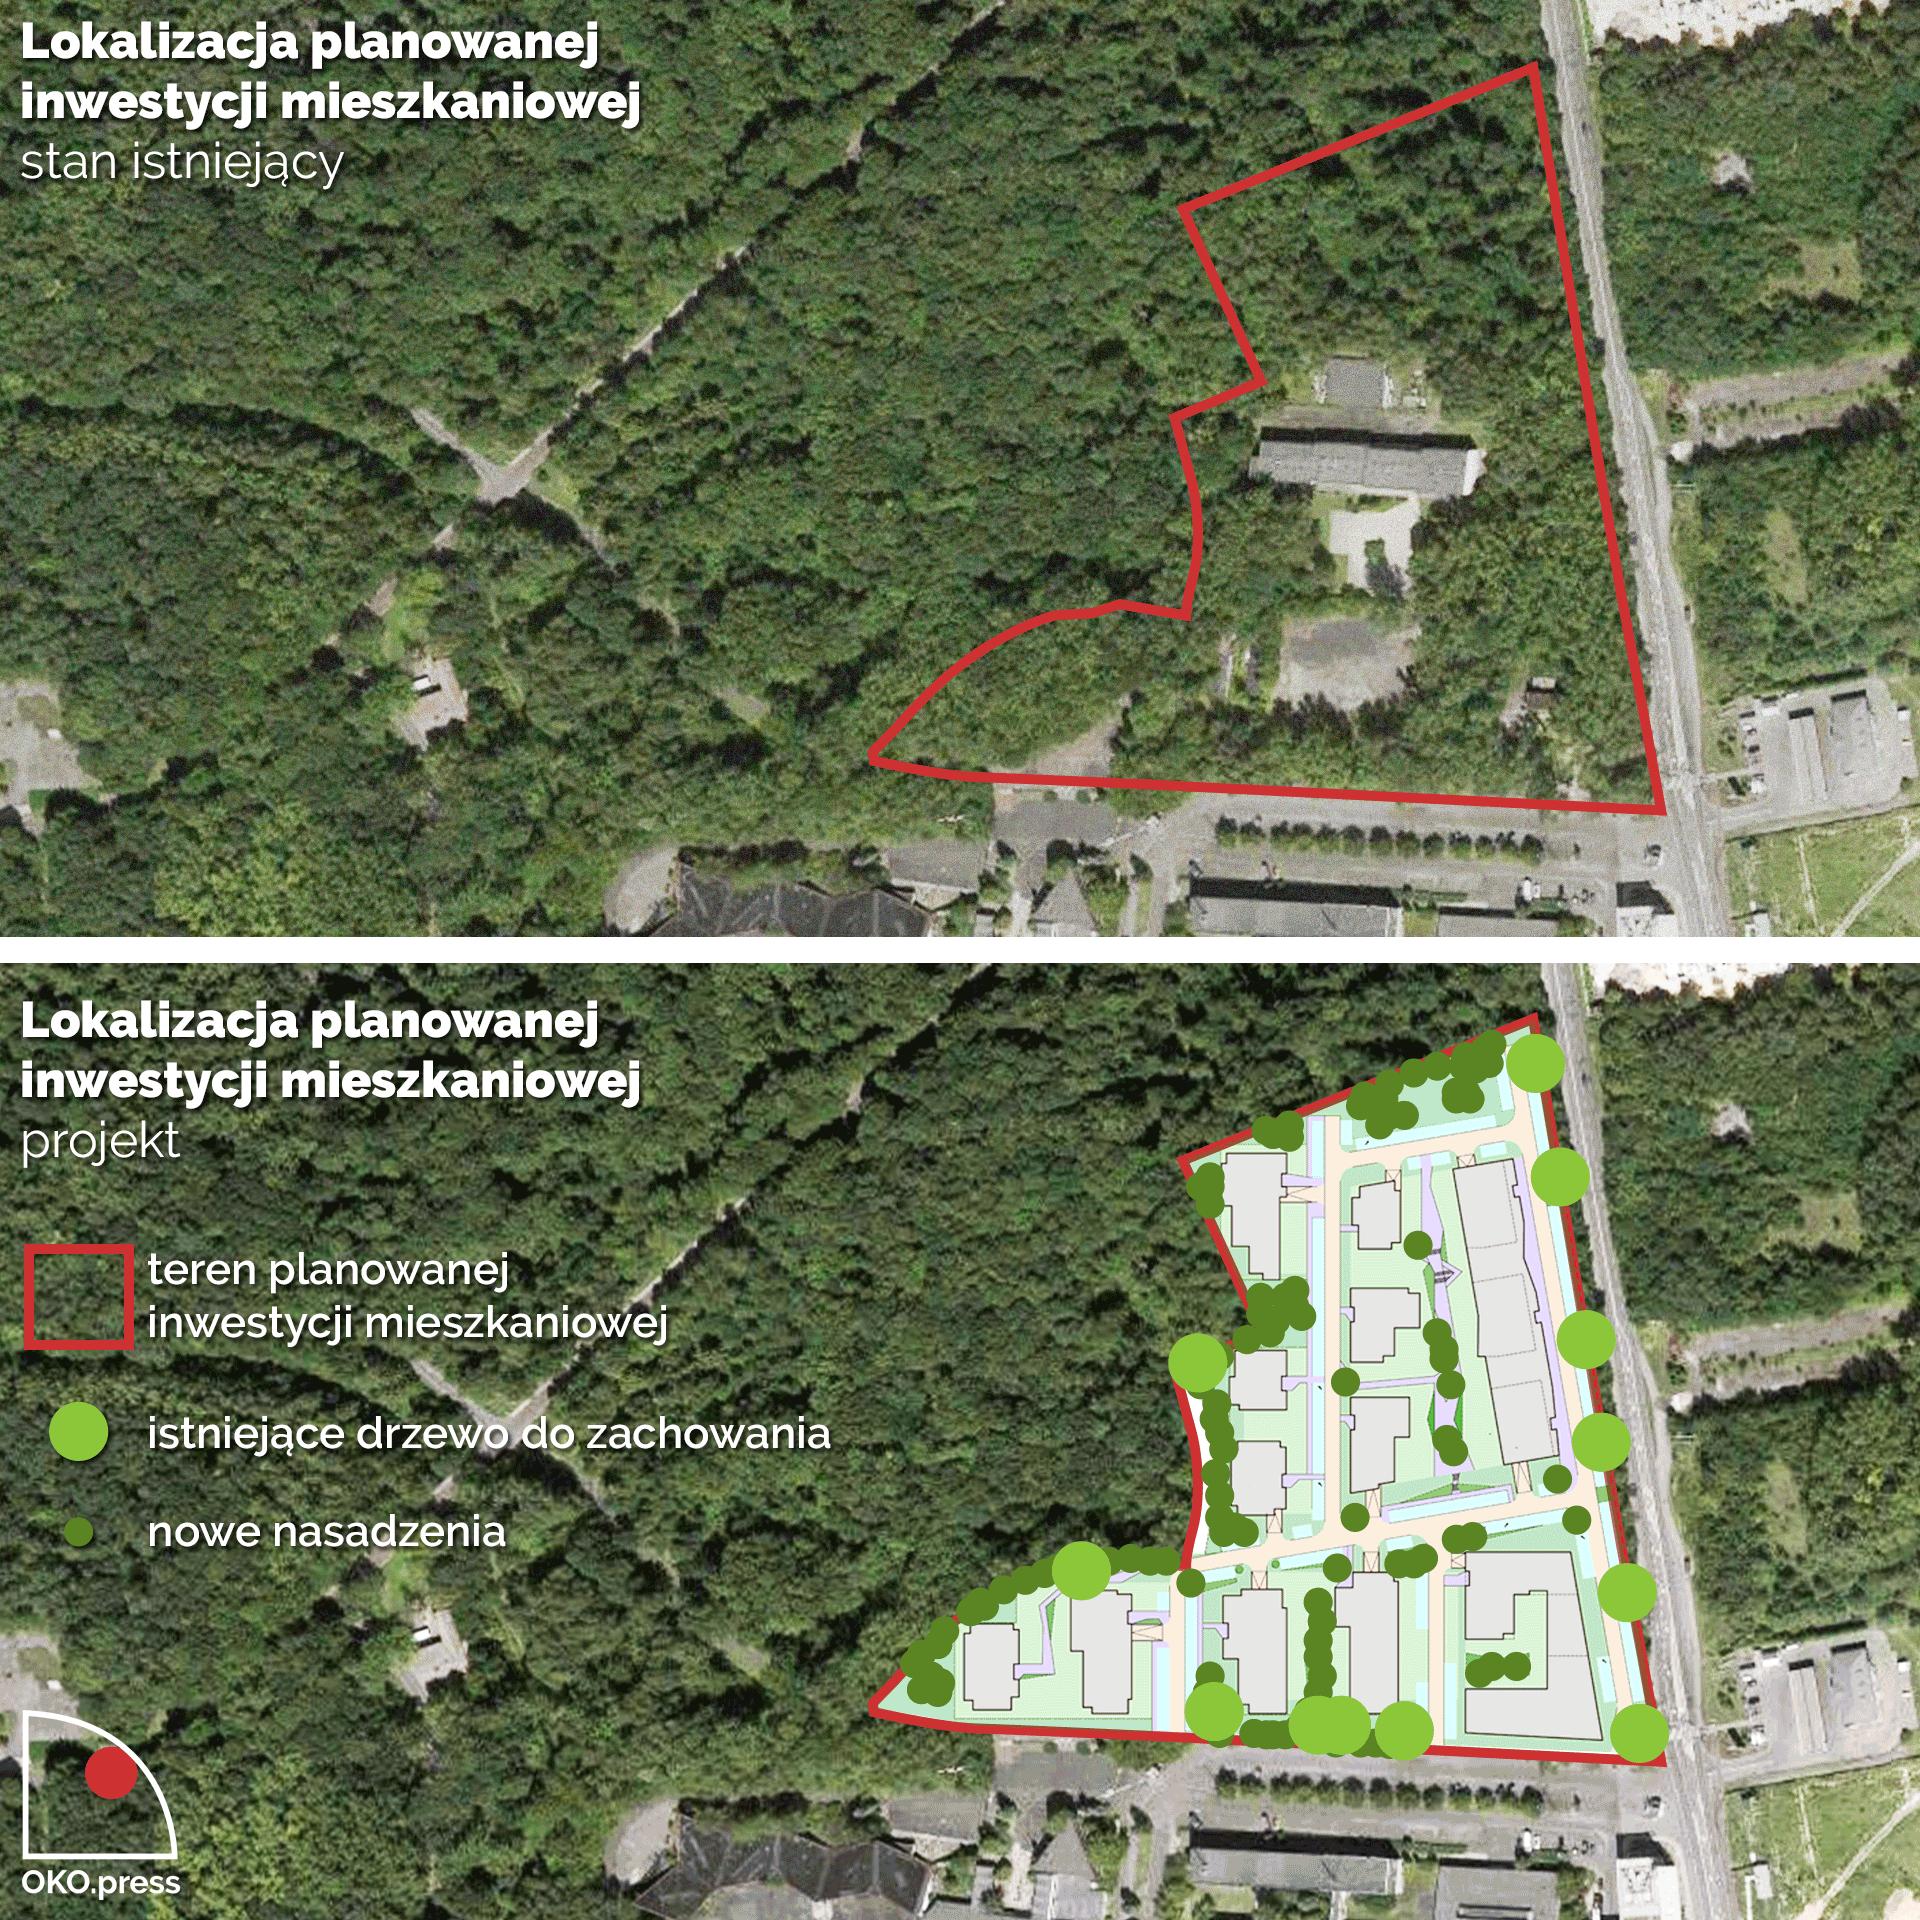 Zdjęcie lotnicze przedstawiające ilość drzew na działce obecnie i stan planowany przez dewelopera